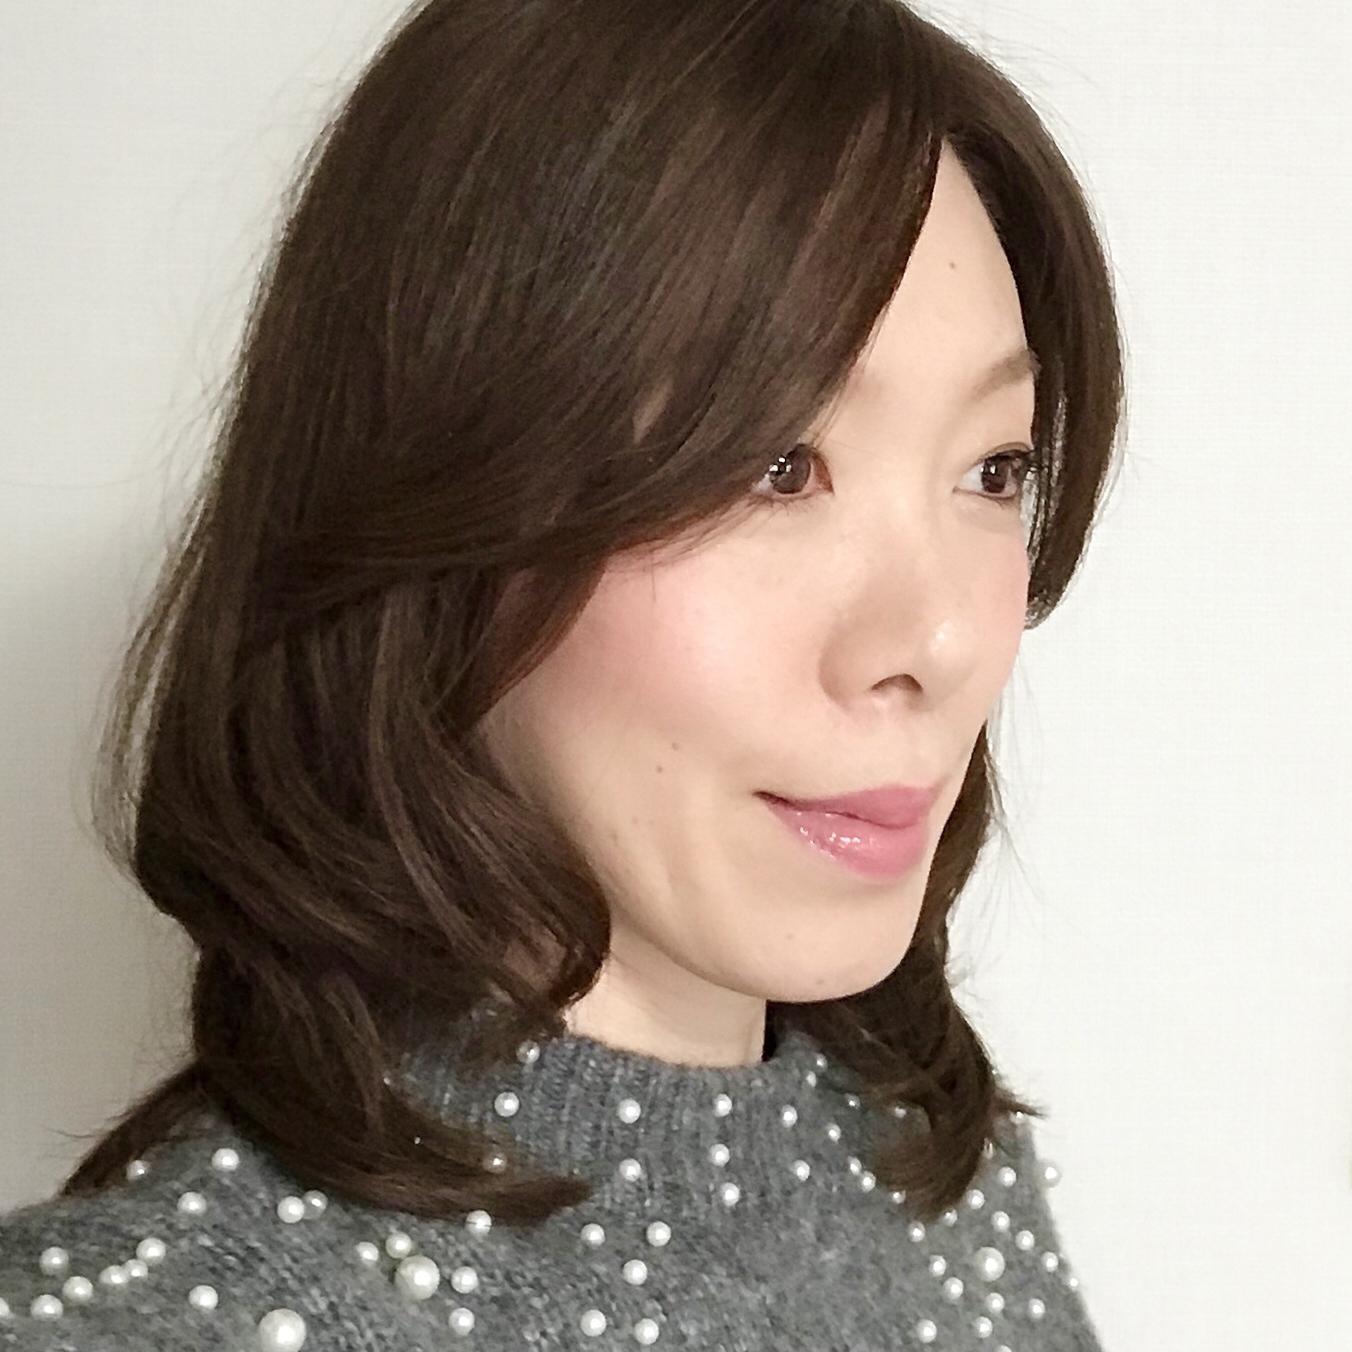 美女組さんの冬のヘアチェンジ【マリソル美女組ブログPICK UP】_1_1-3